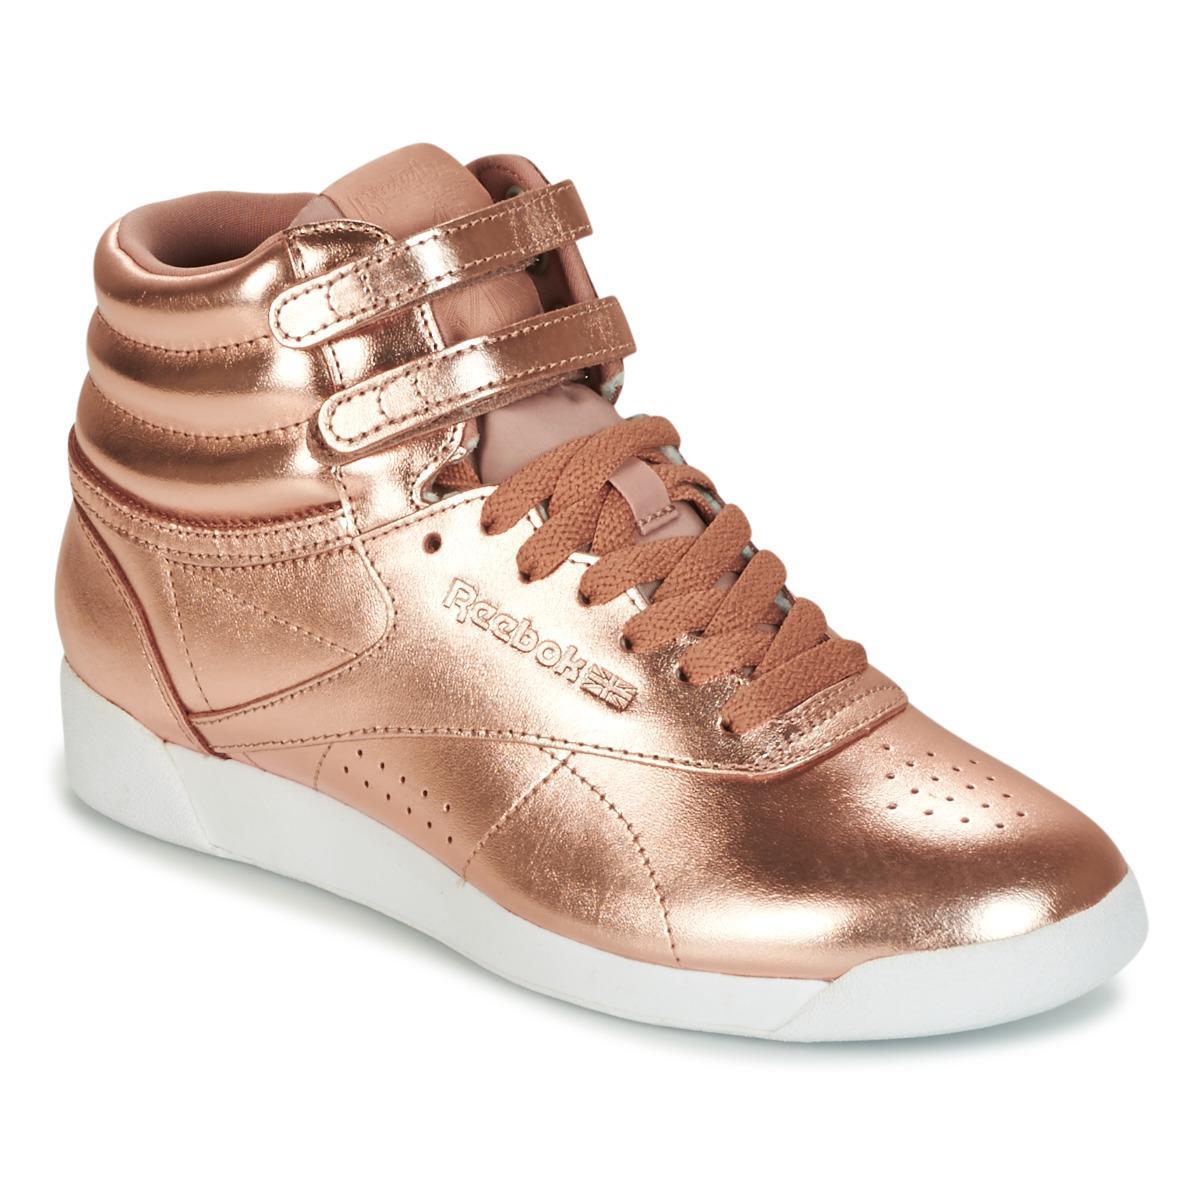 8df4c358d92 Reebok F s Hi Metallic Shoes (high-top Trainers) in Metallic - Lyst